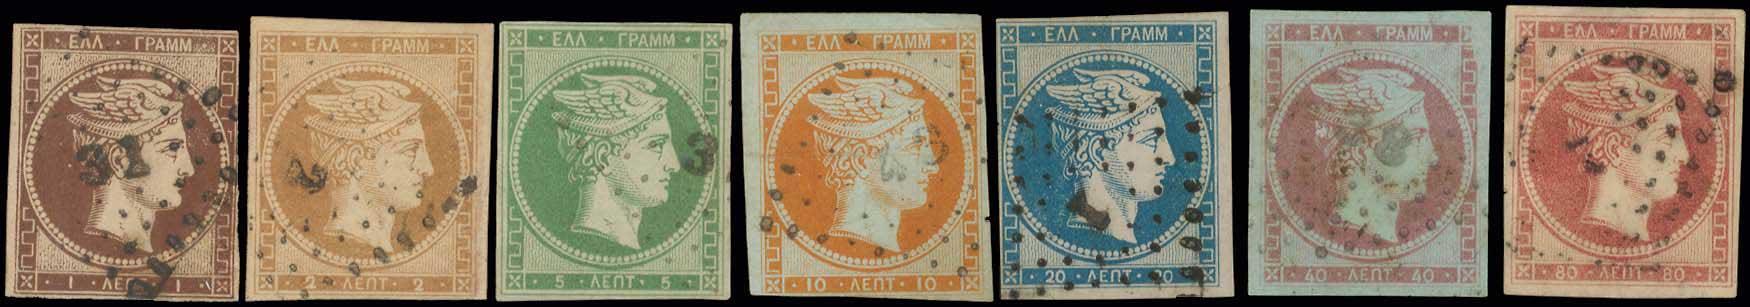 Lot 6 - GREECE-  LARGE HERMES HEAD 1861 paris print -  A. Karamitsos Public Auction 630 General Stamp Sale